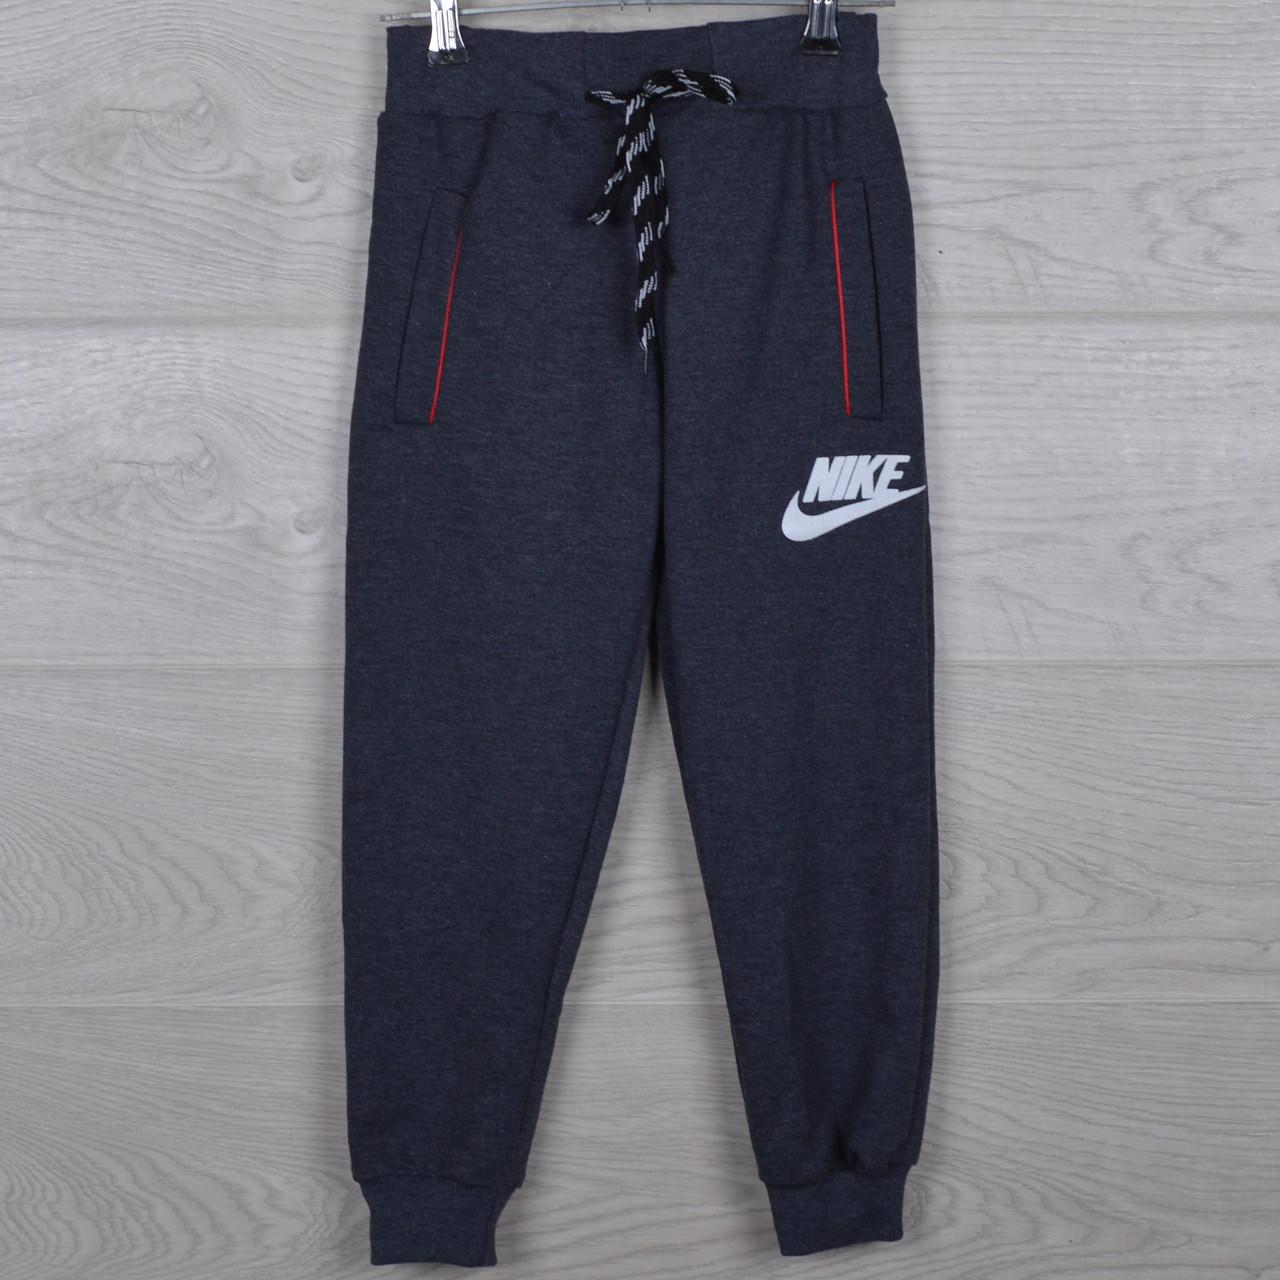 """Спортивные штаны детские """"Nike реплика"""" 5-6-7-8-9 лет (110-134 см). Серый меланж. Оптом"""